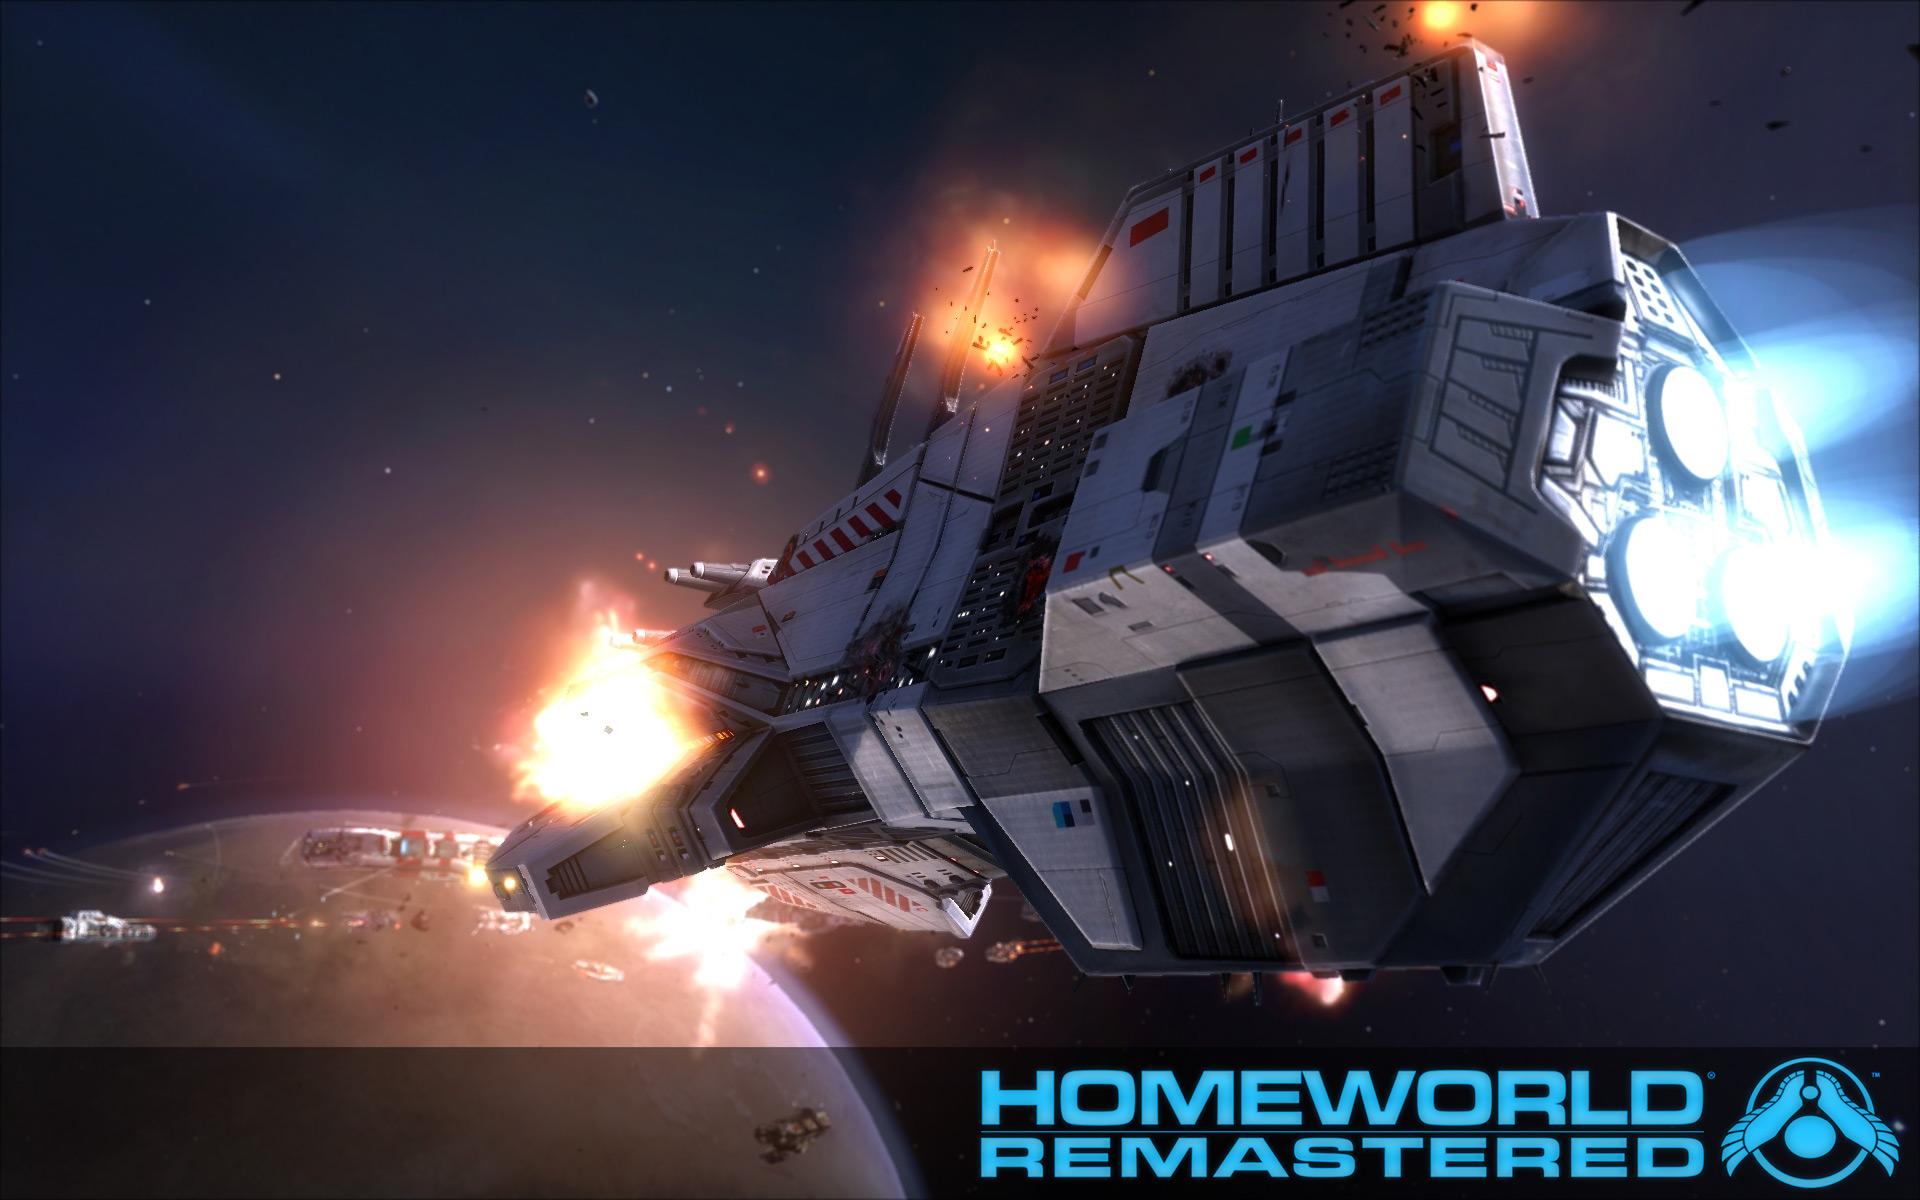 Homeworld Remastered : L'Odyssée de l'Espace